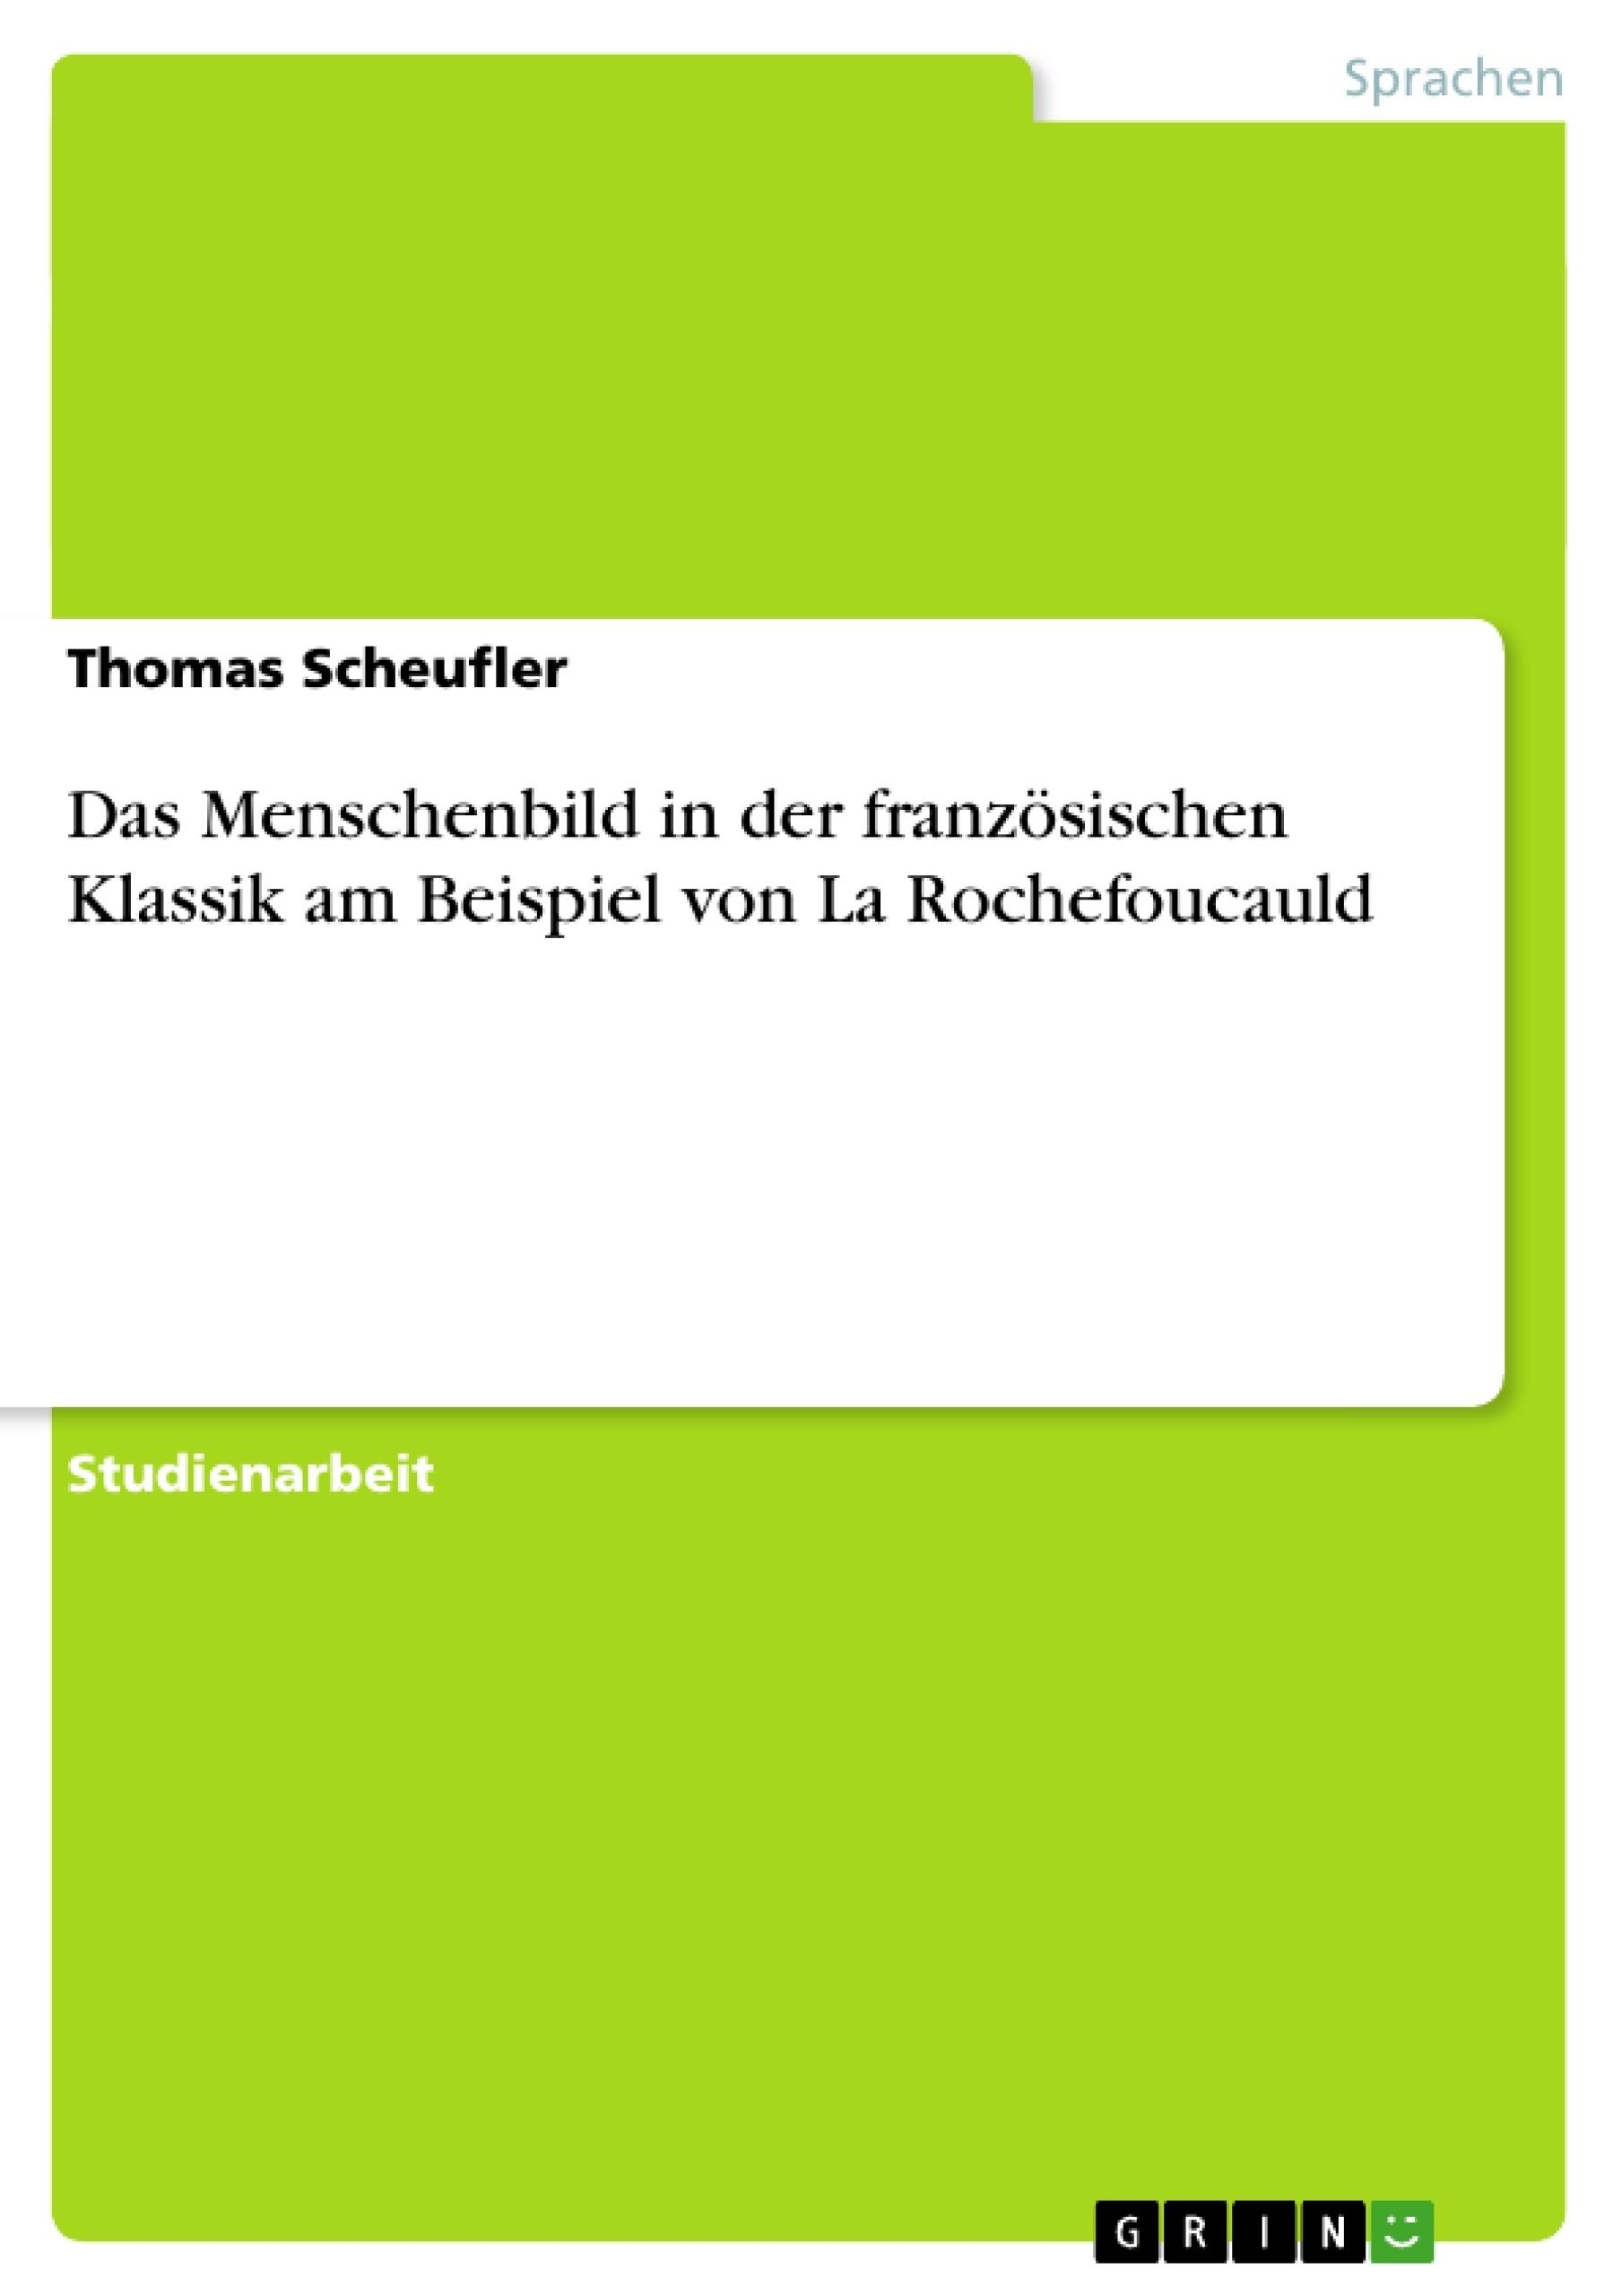 Titel: Das Menschenbild in der französischen Klassik am Beispiel von La Rochefoucauld